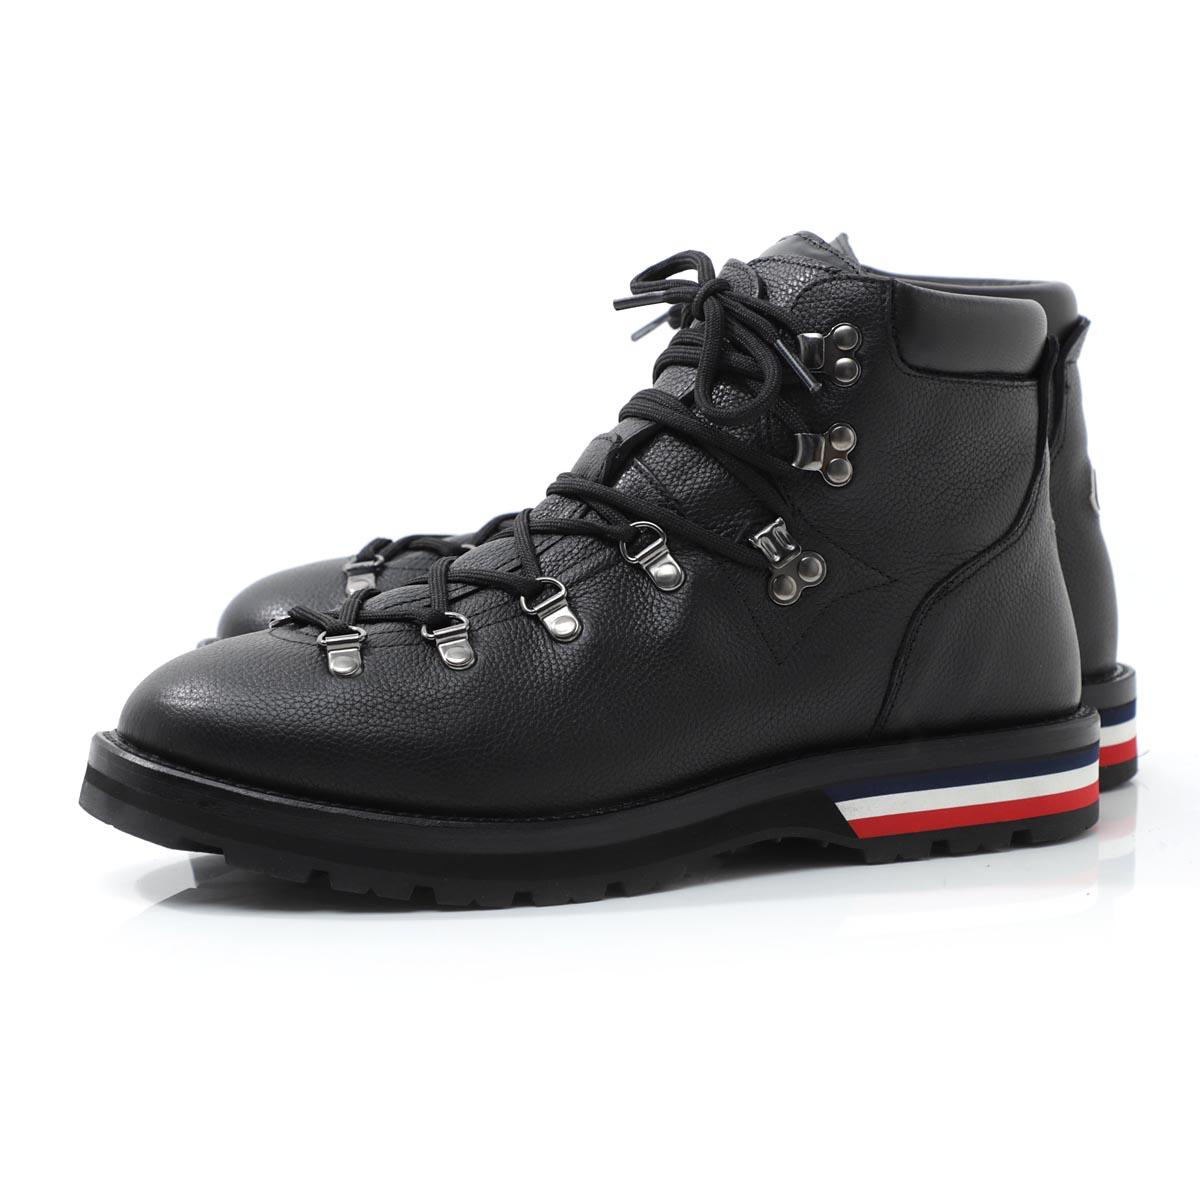 【アウトレット】モンクレール MONCLER ブーツ ブラック メンズ カジュアル レザー 大きいサイズあり peak 1017500 02s0g 999 PEAK【あす楽対応_関東】【返品送料無料】【ラッピング無料】